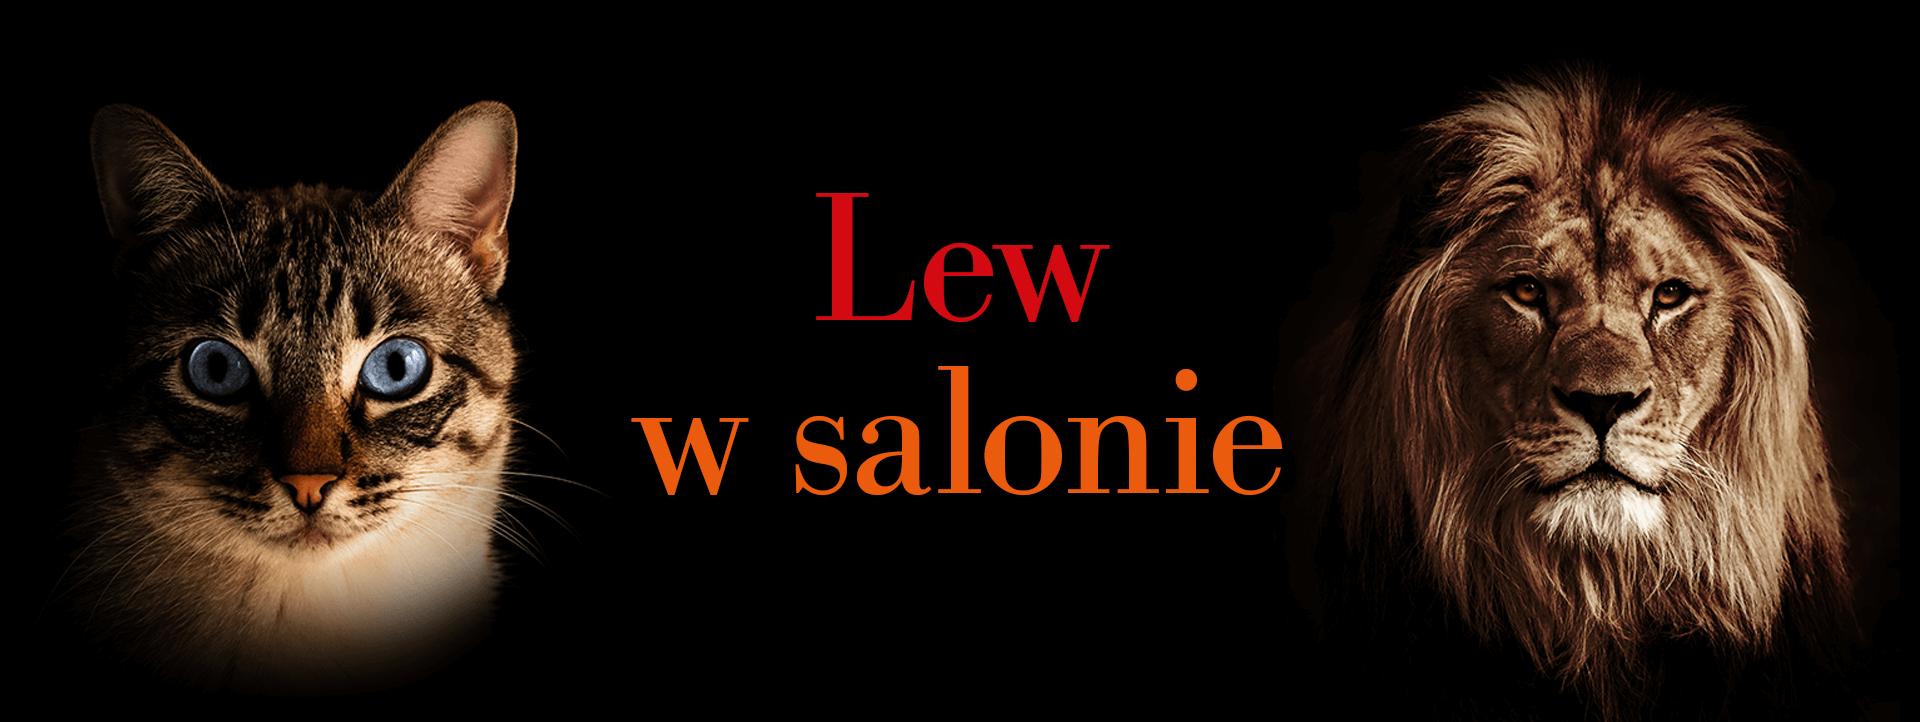 Lew w salonie